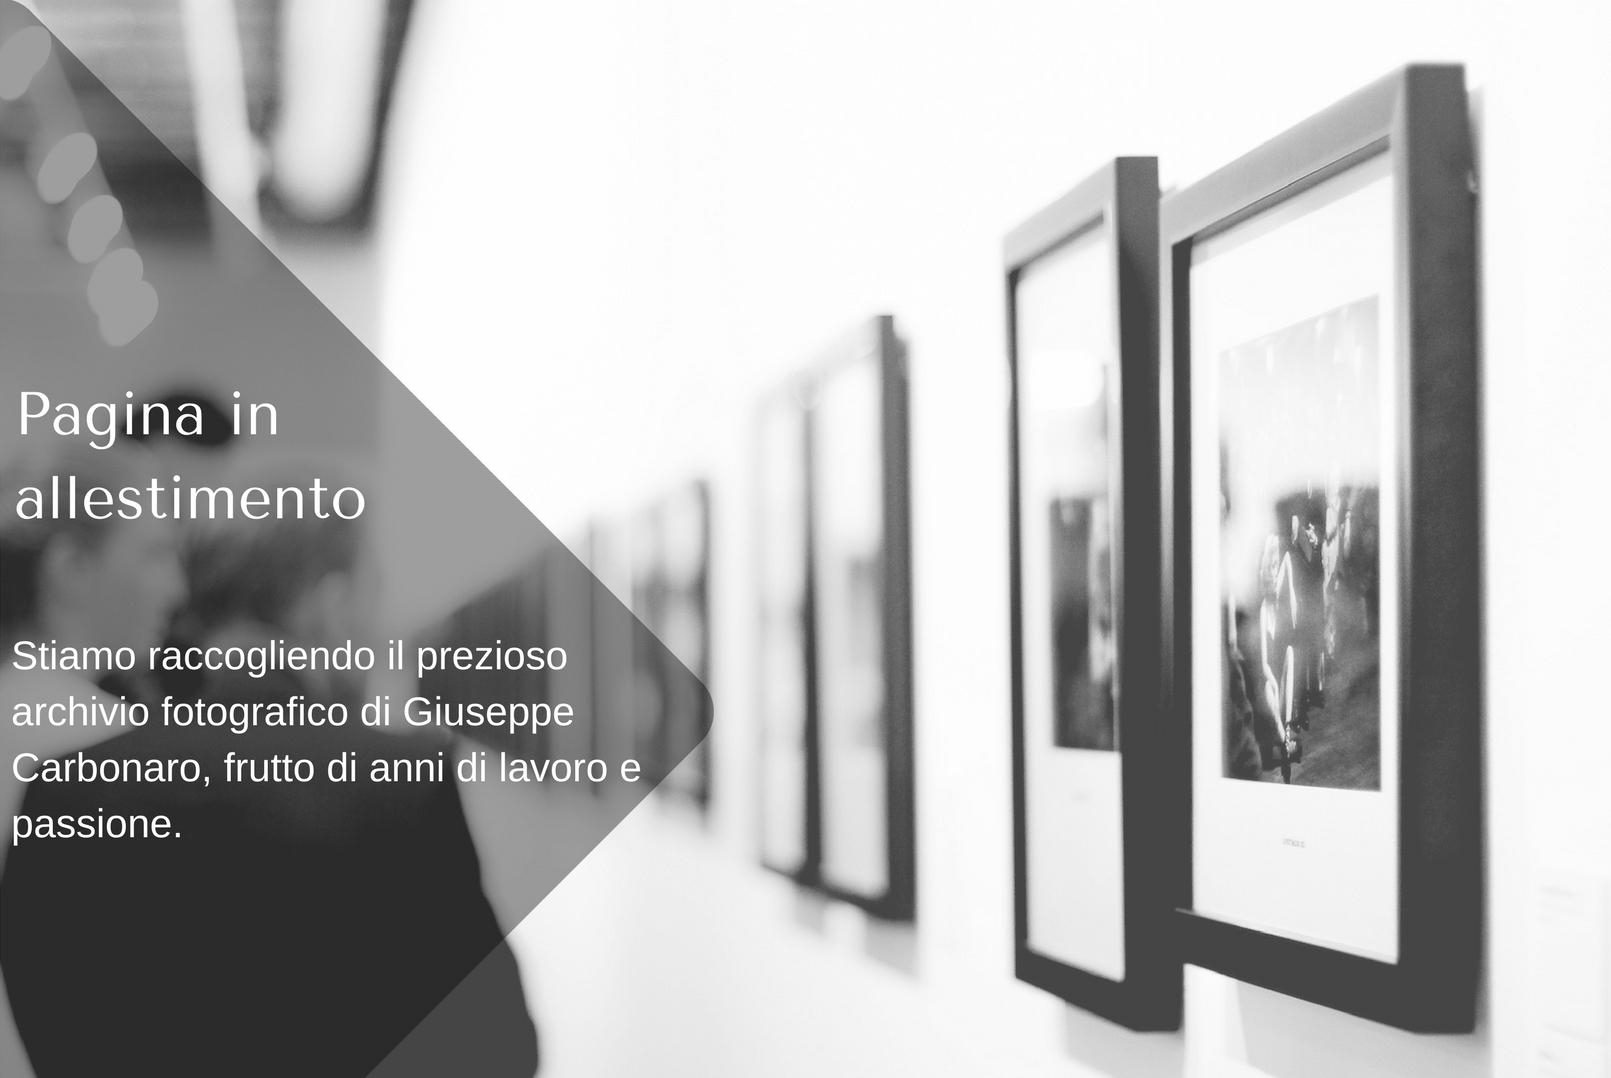 Pagina in allestimento Archivio Fotografico Casa del fotografo Modica